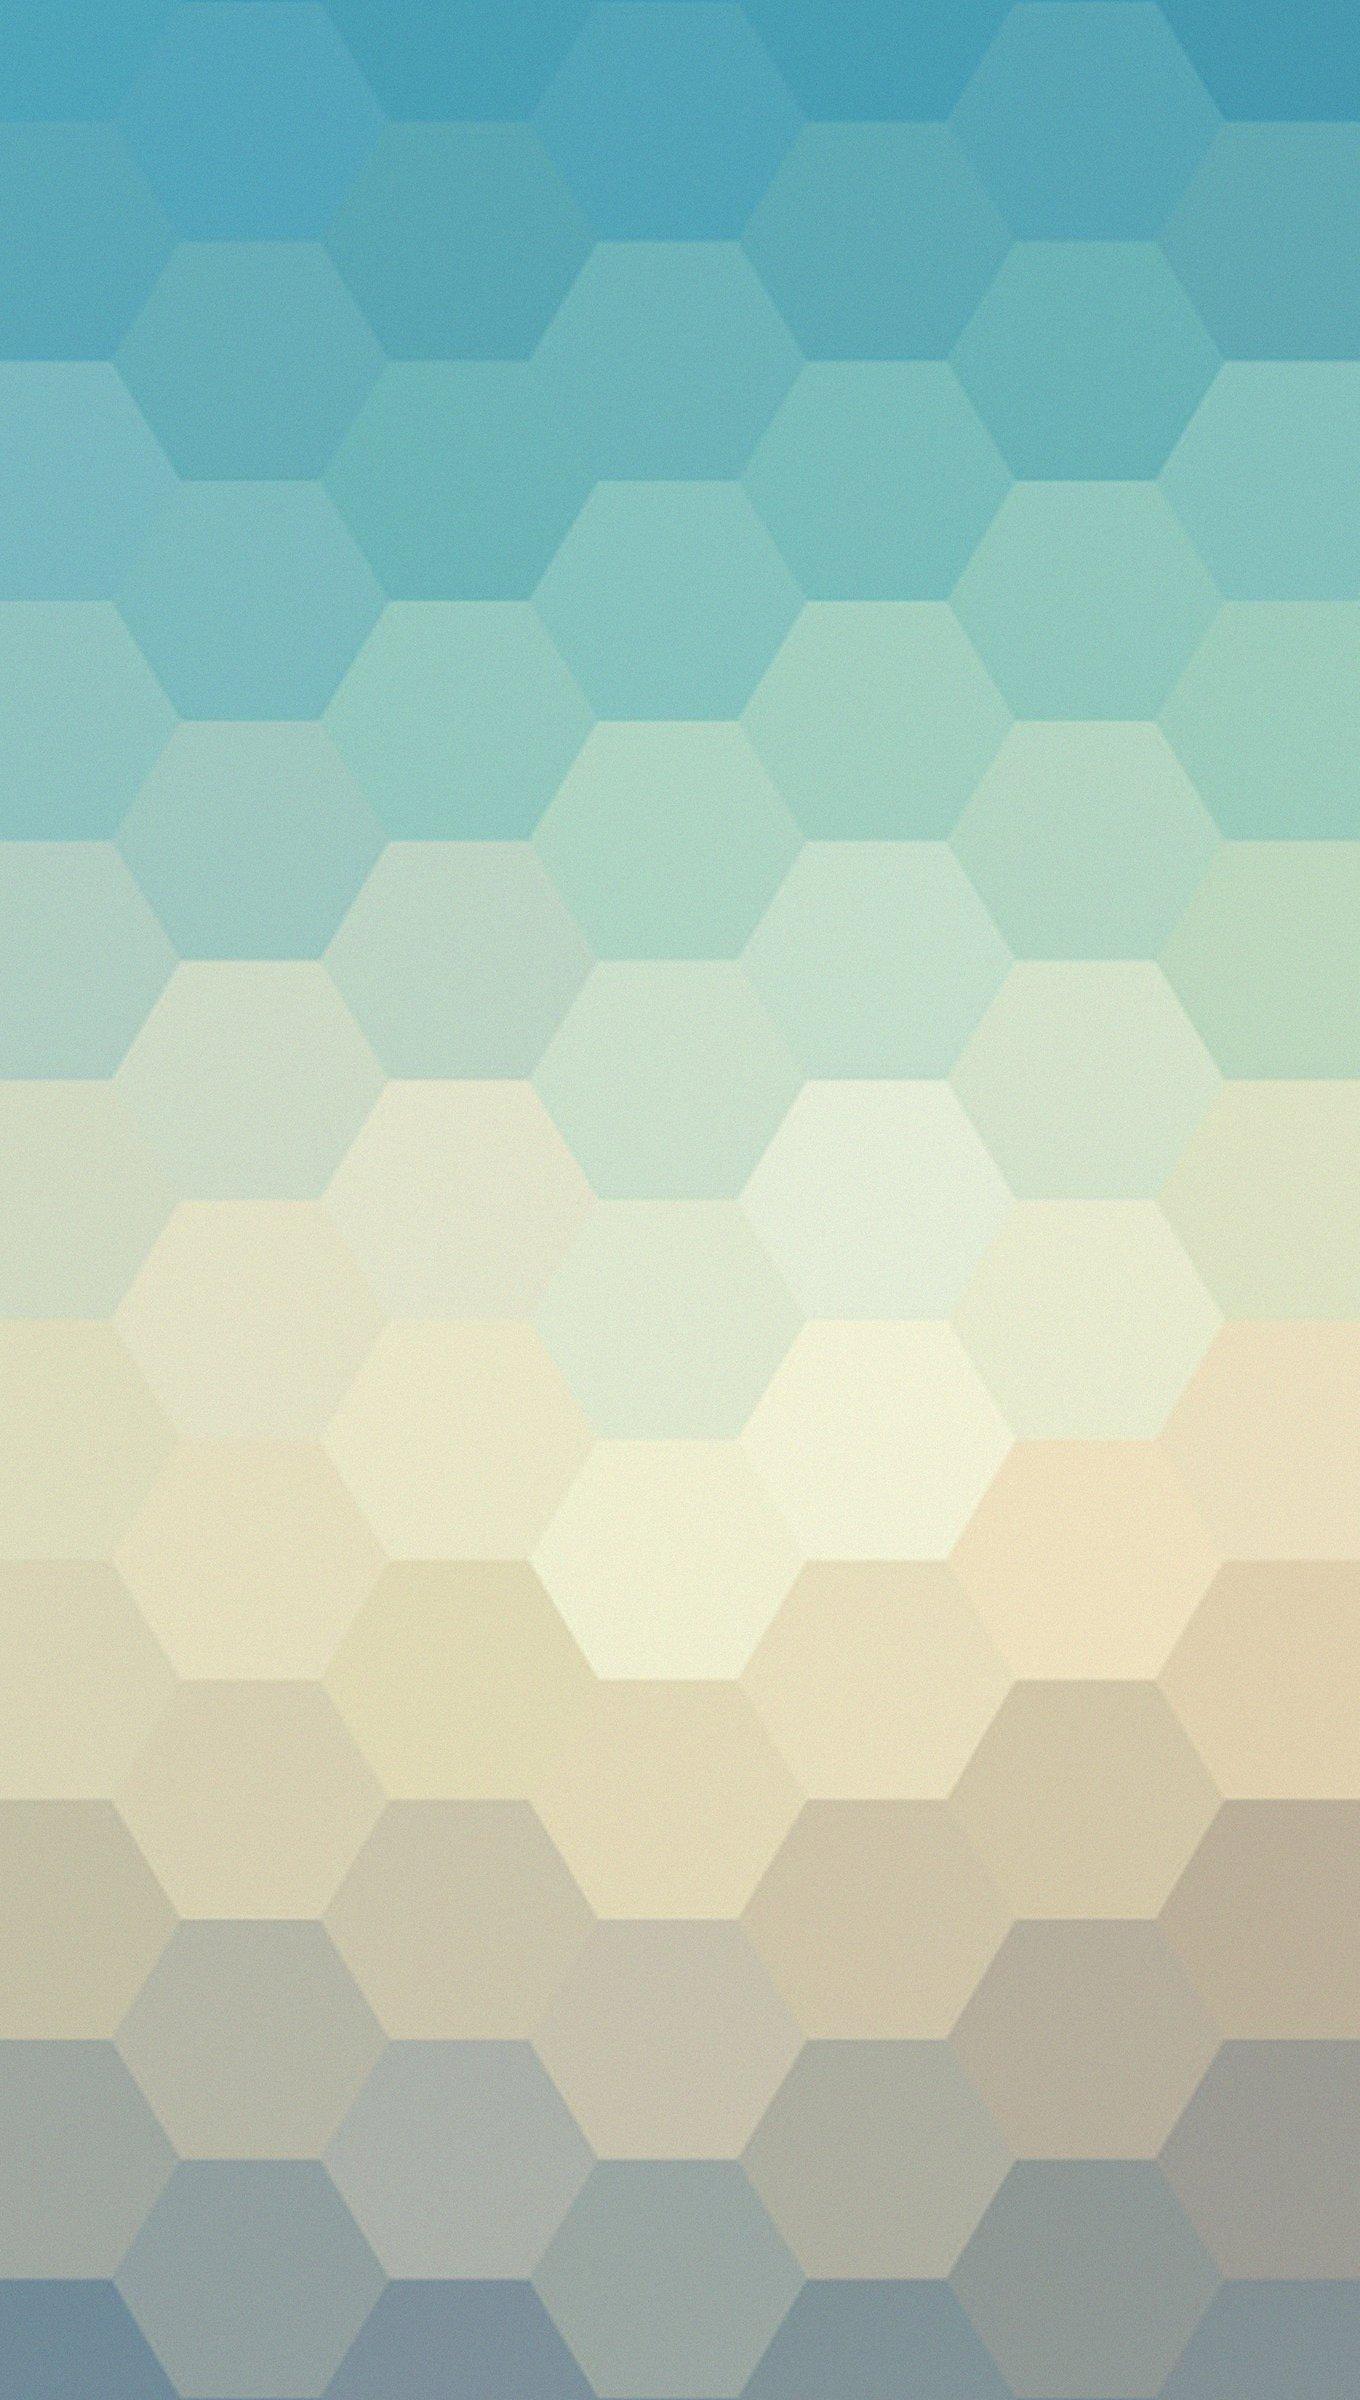 Fondos de pantalla Hexágonos colores pastel Vertical